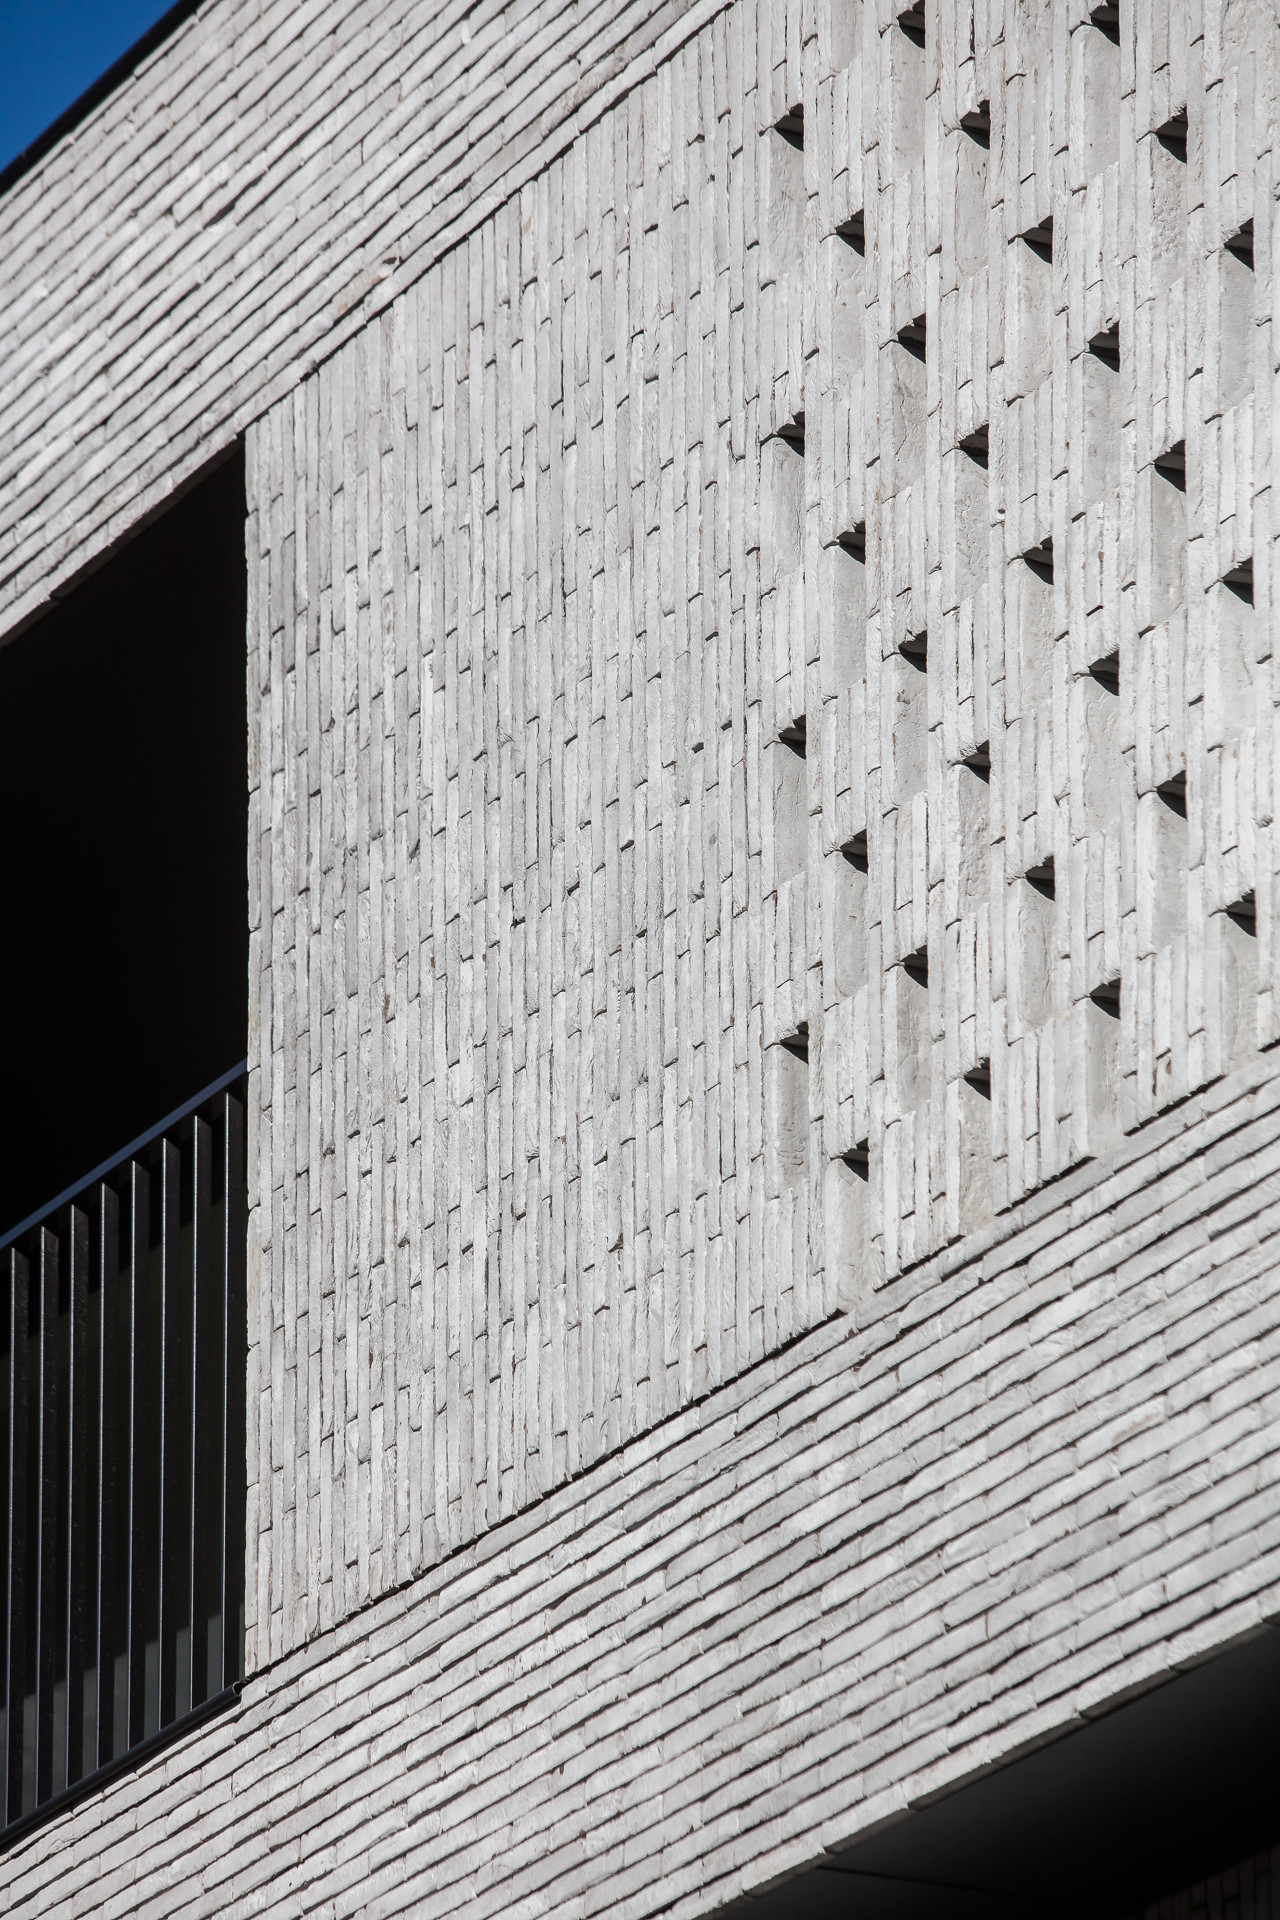 Rietveldprojects - Pierre Paulin - Sint-Idesbald - Foto @Cafeine1.jpg